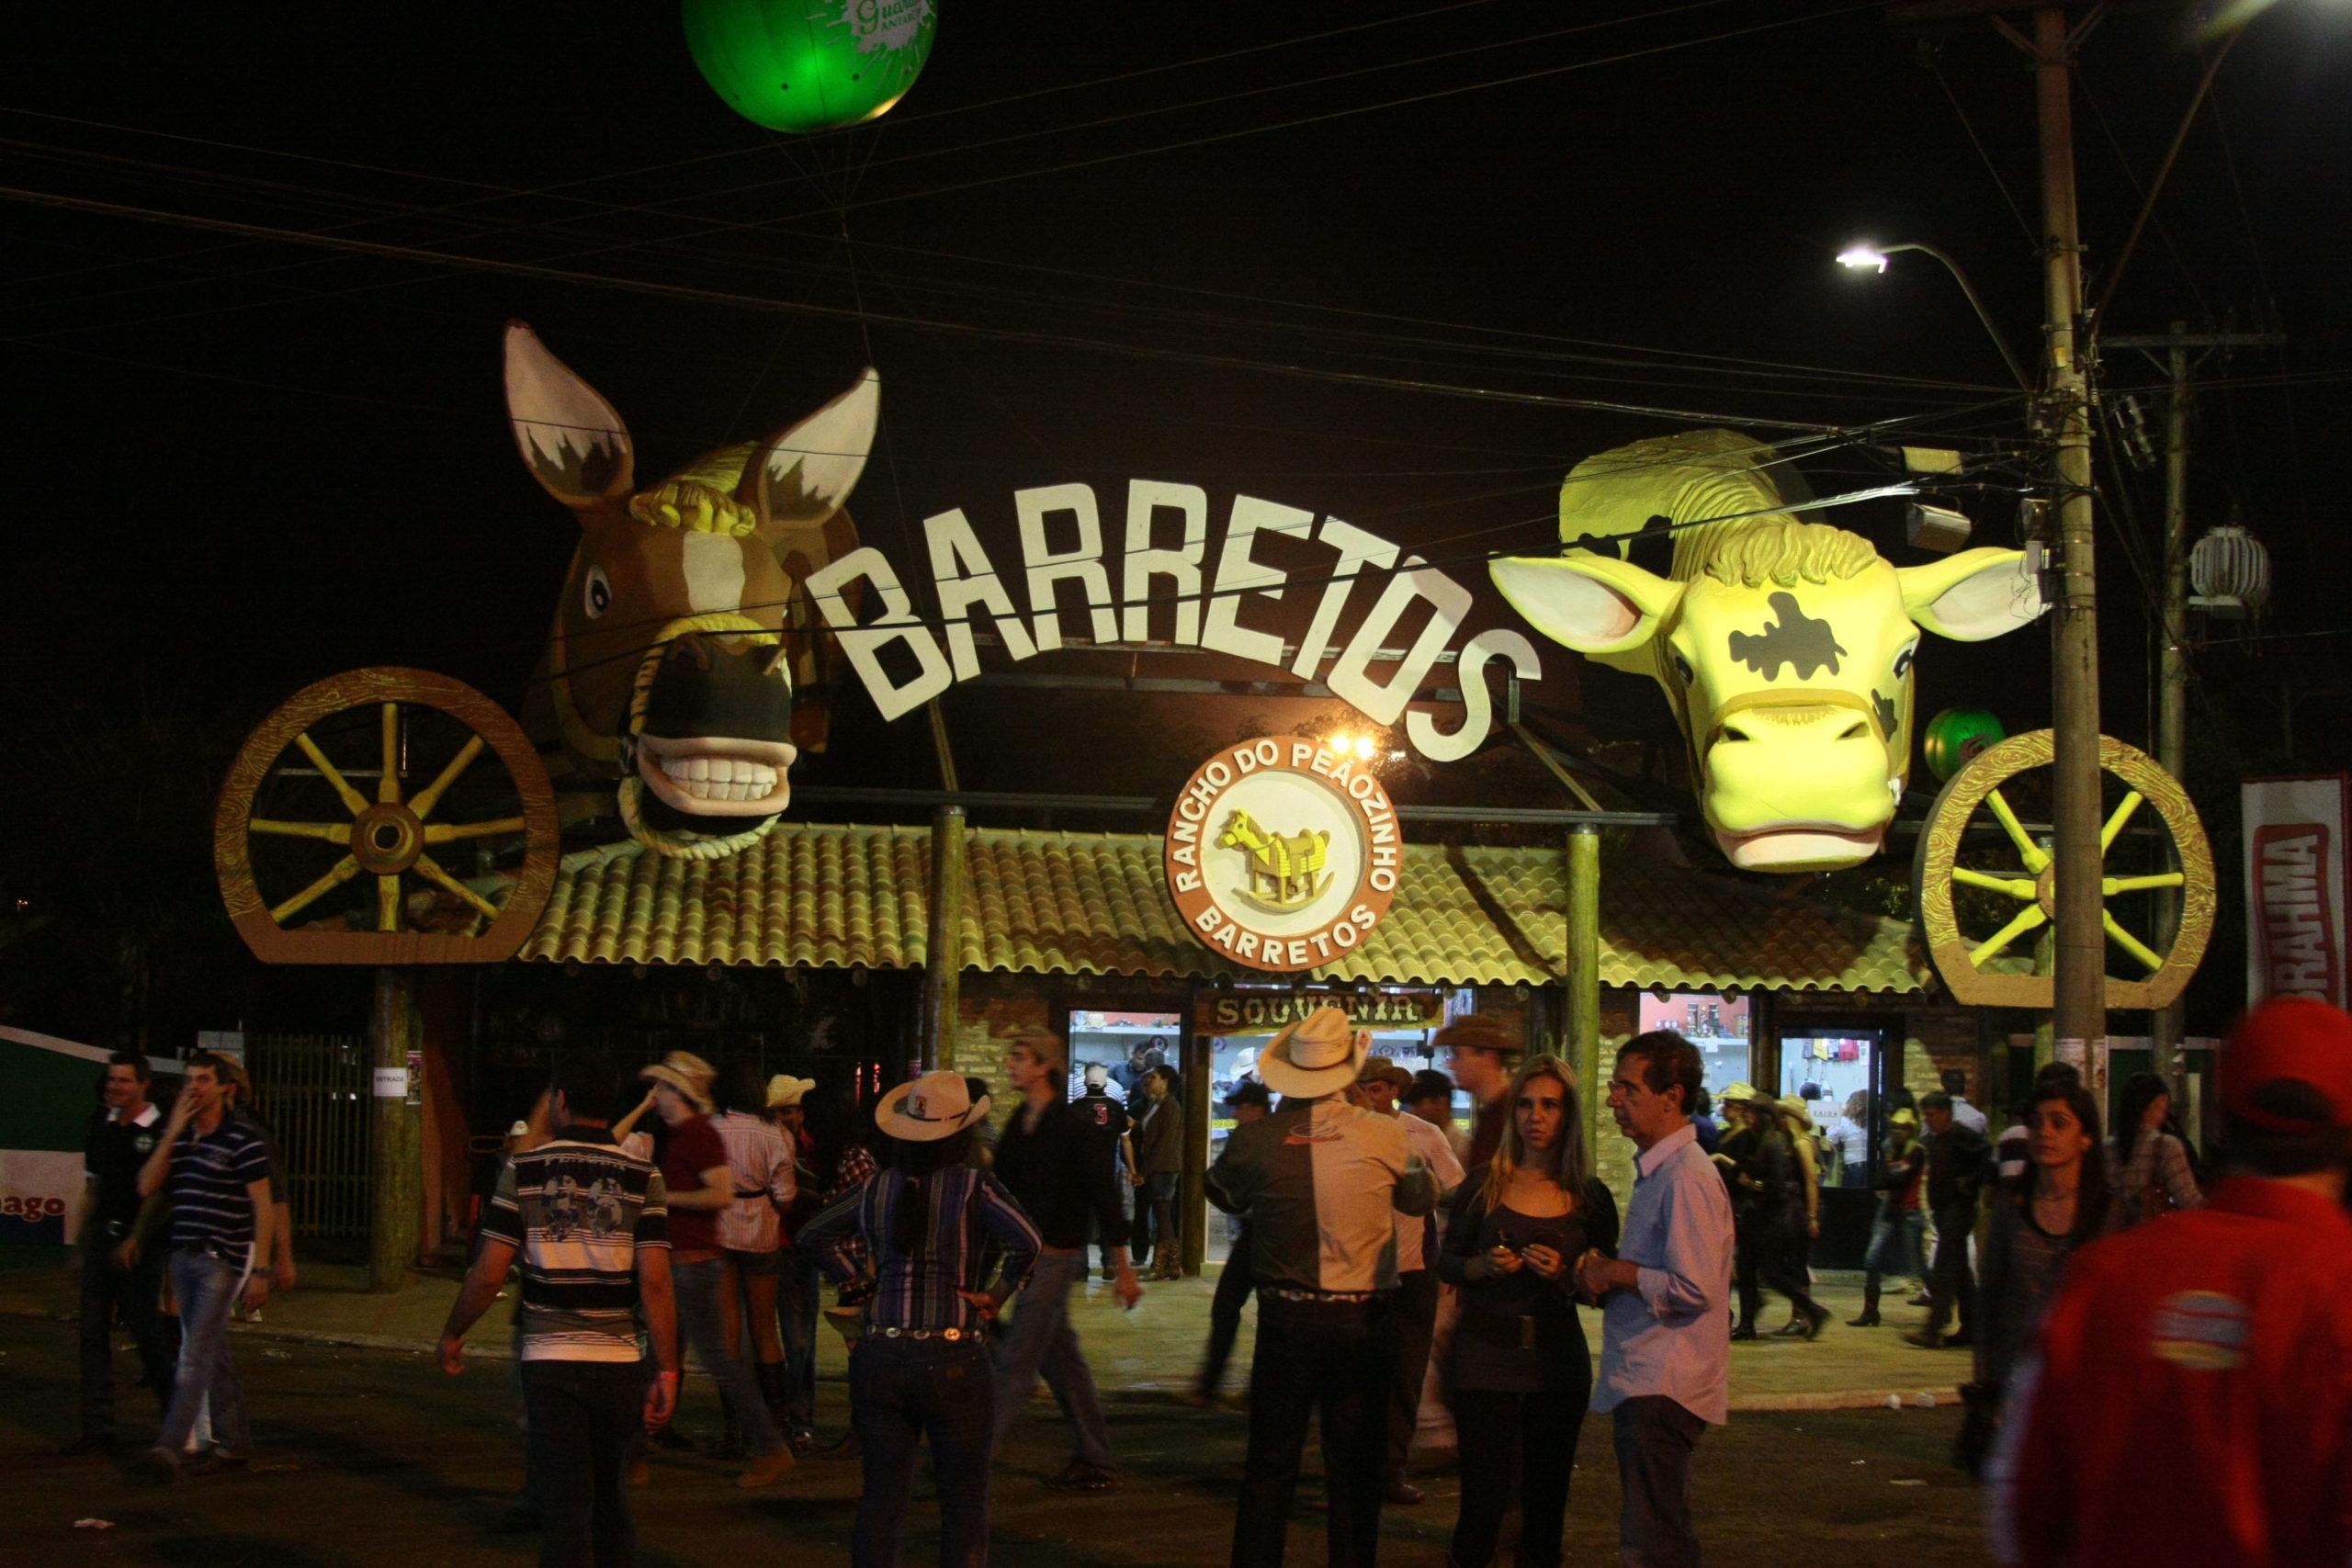 Barretos, cidade country brasileira